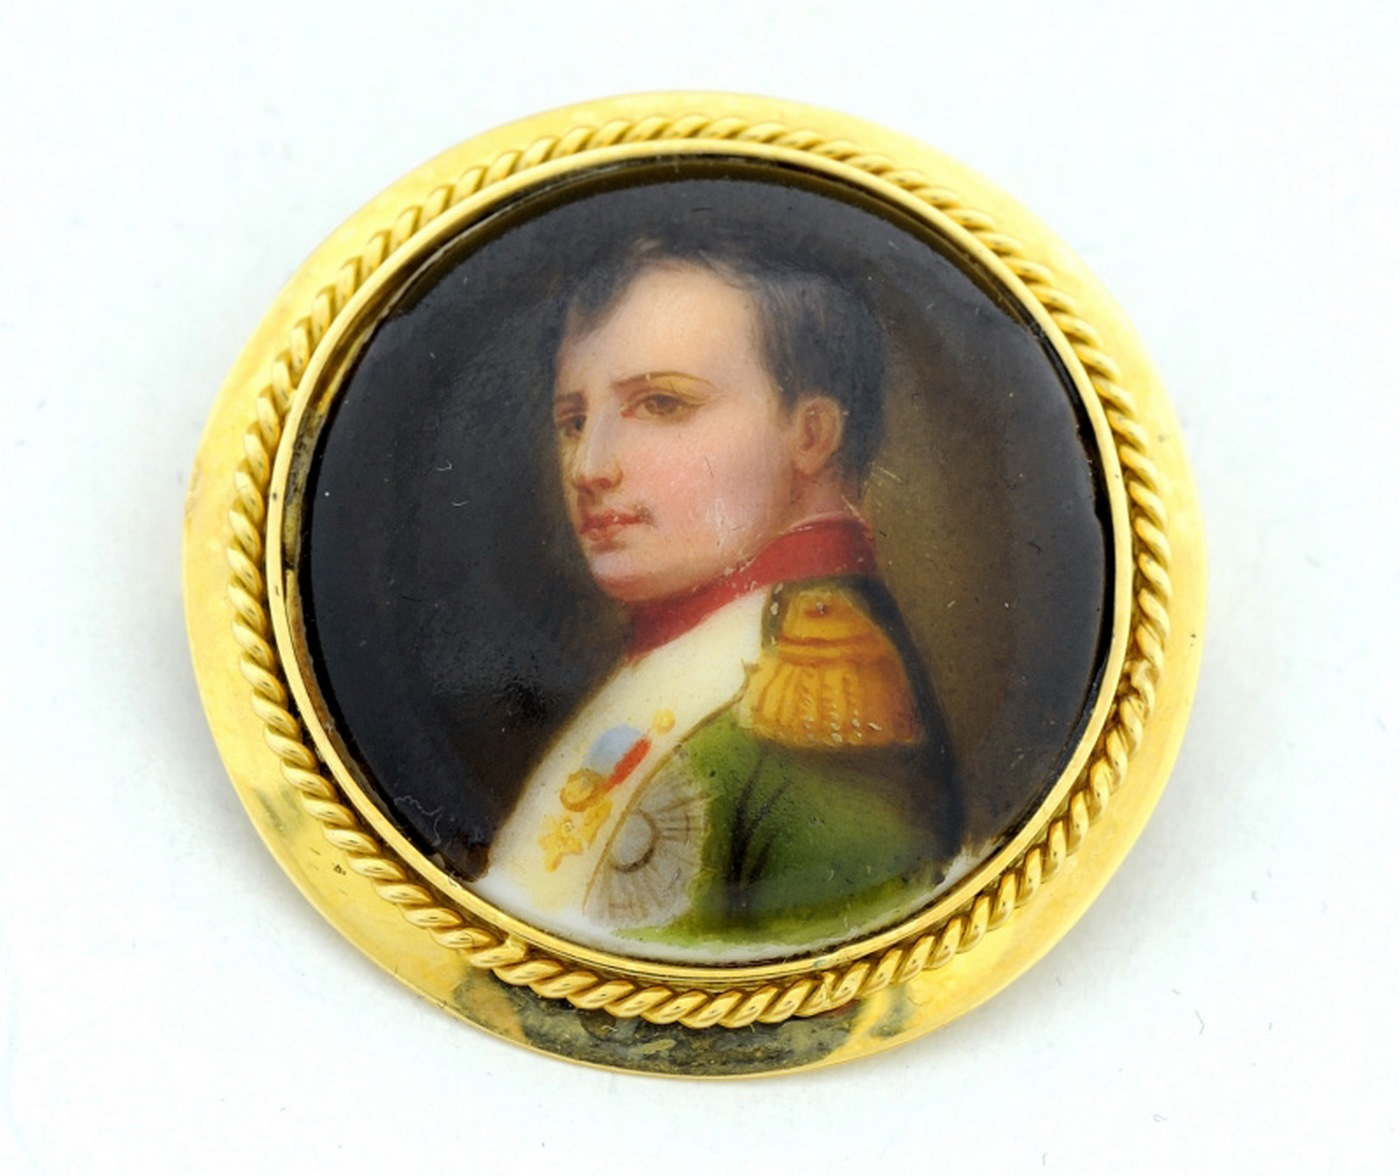 Broche de porcelana francesa, representando a Napoleón. Oro 18k.